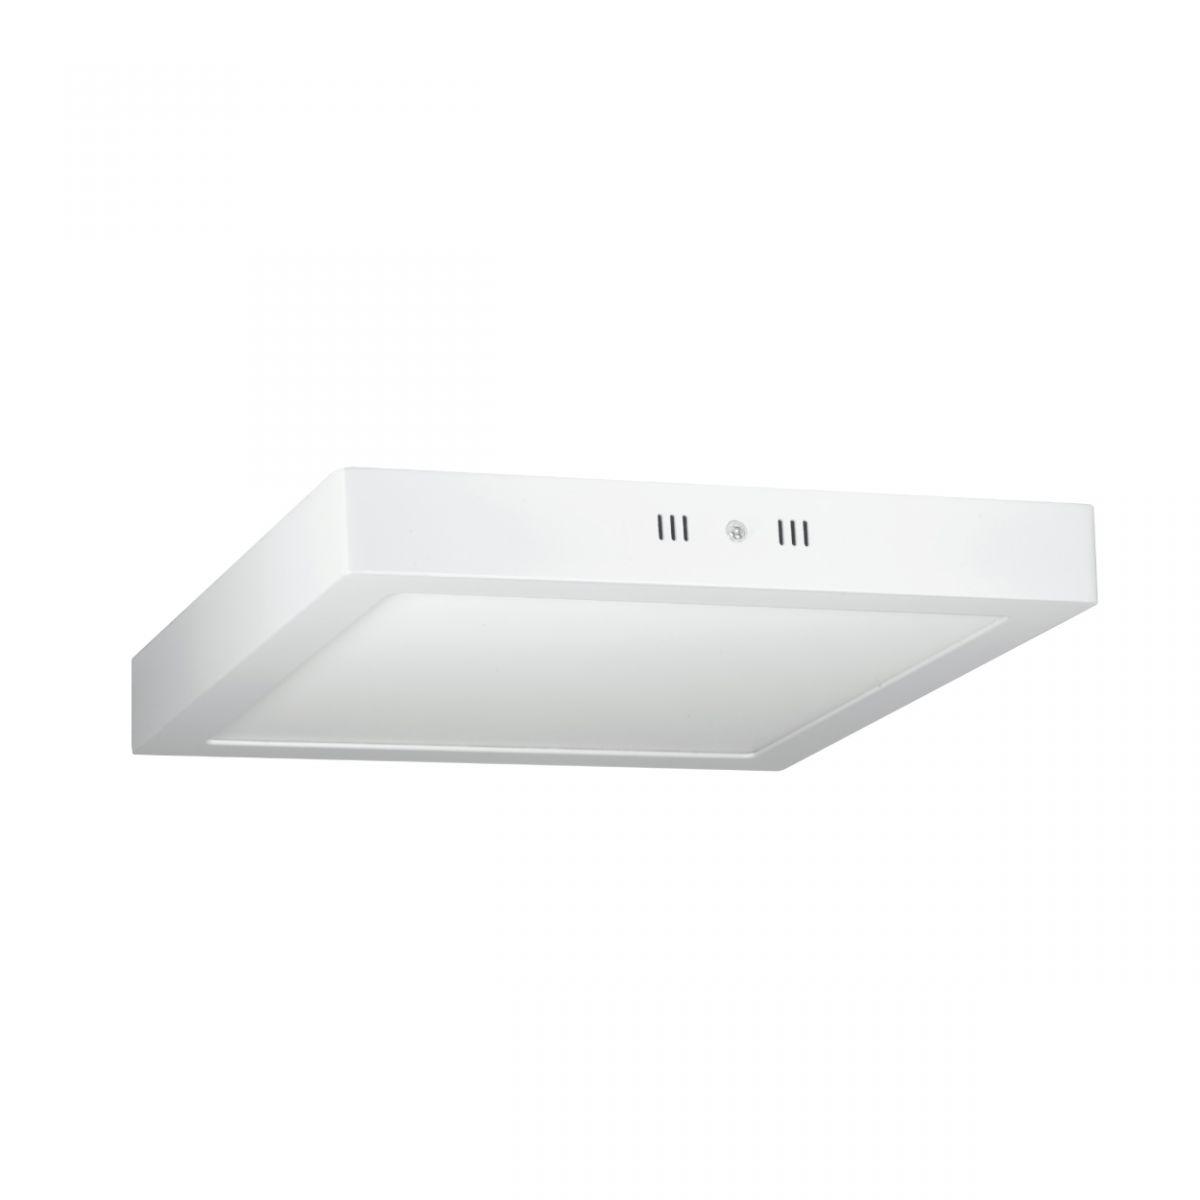 Luminária Plafon LED 18w Sobrepor Branco Frio Redonda / Quadrada - LUXTEK